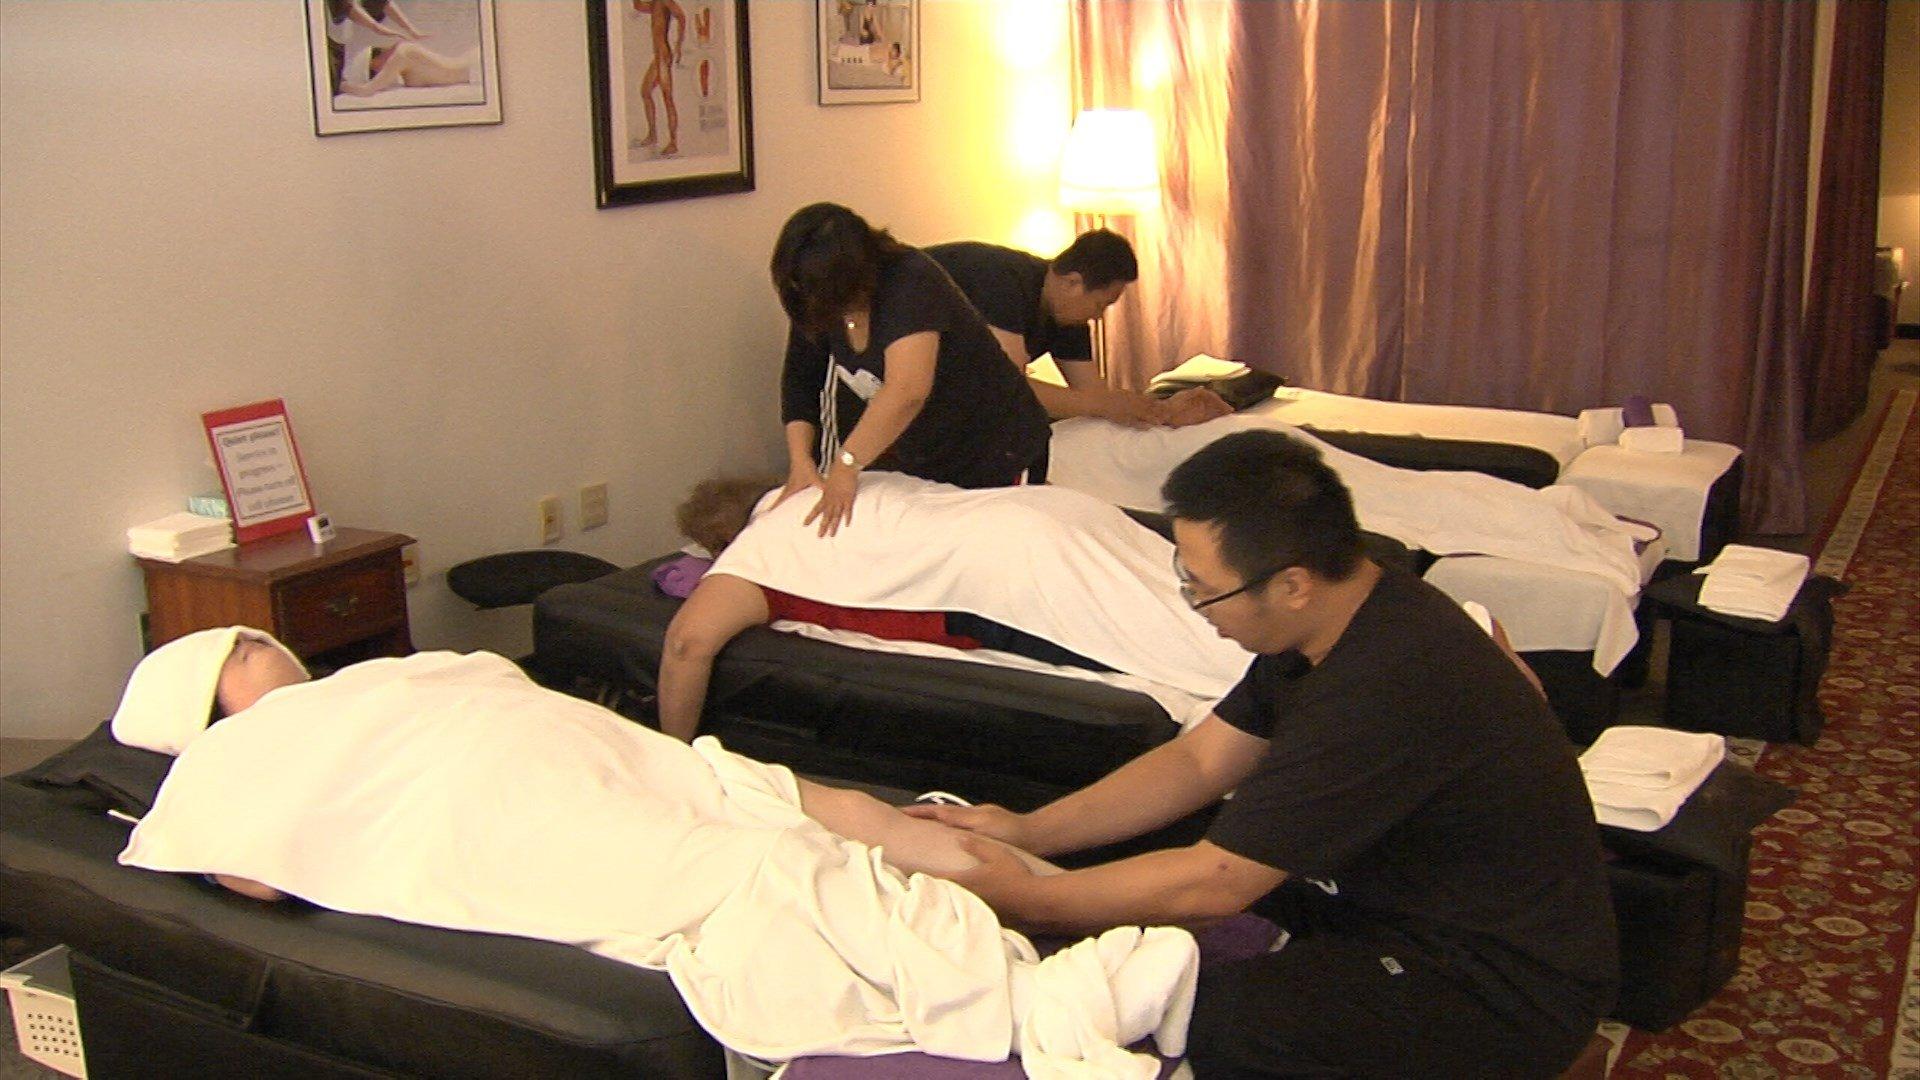 Hot Naked Pics Japan av girls porn